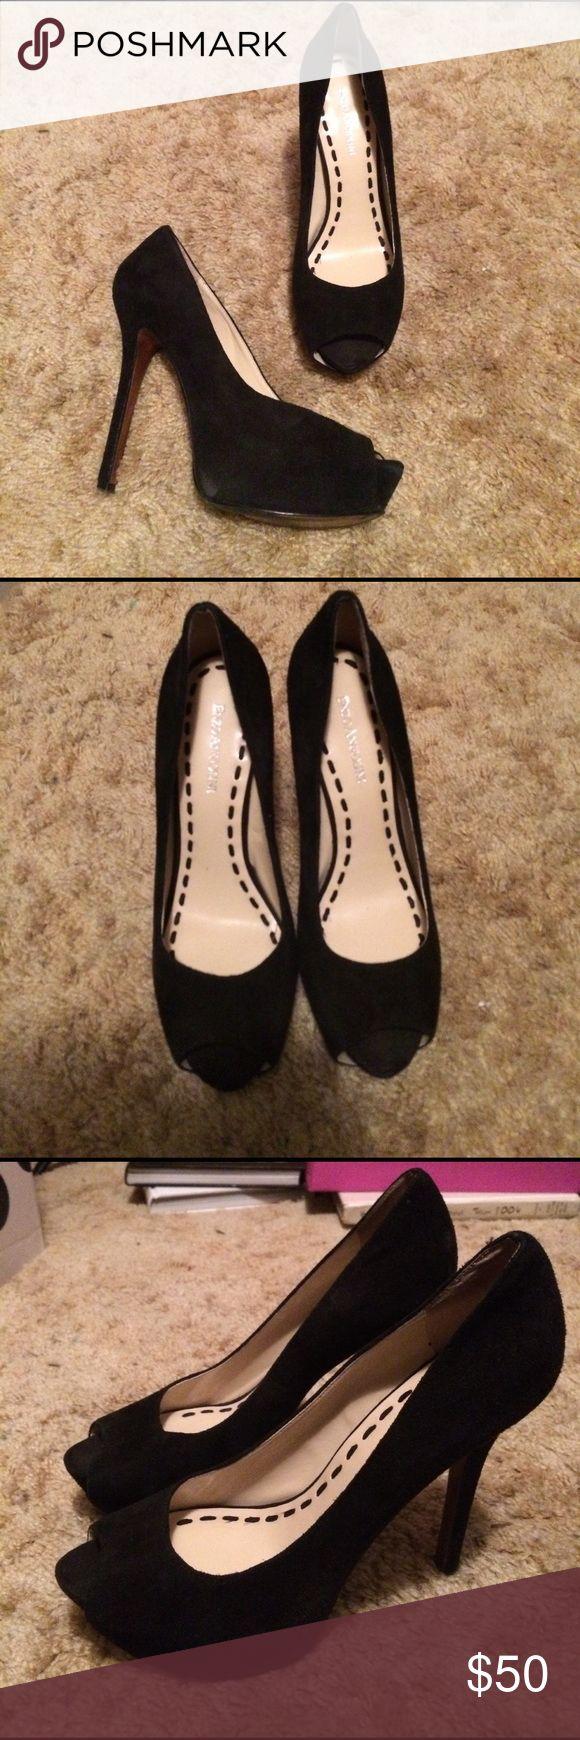 Peep-toe black suede platform pumps ◾️Peep-toe black suede platform pumps ✖️8.5 Shoes